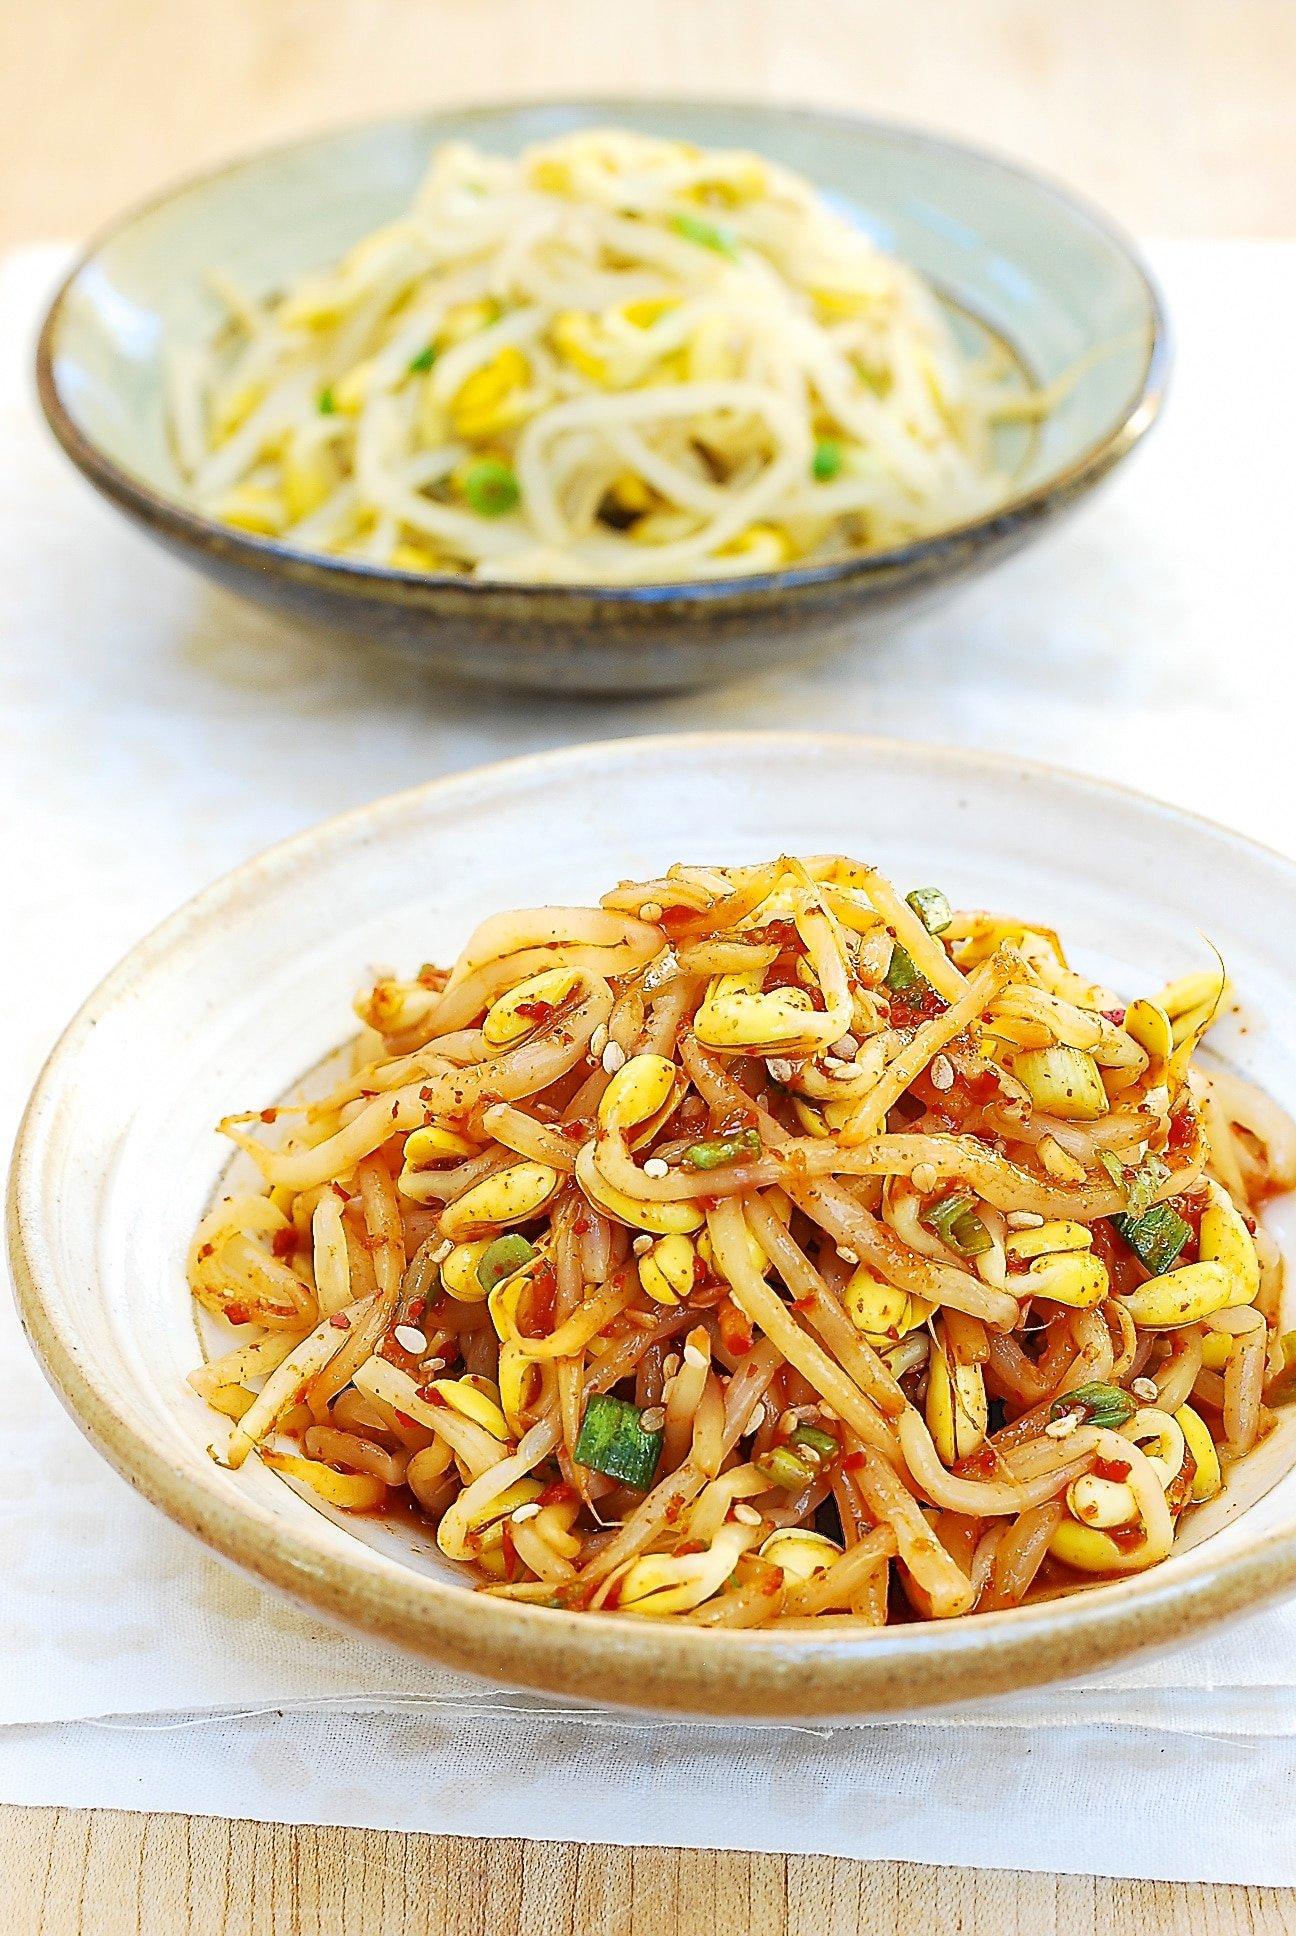 DSC 0079 - Kongnamul Muchim (Soybean Sprout Side Dish)